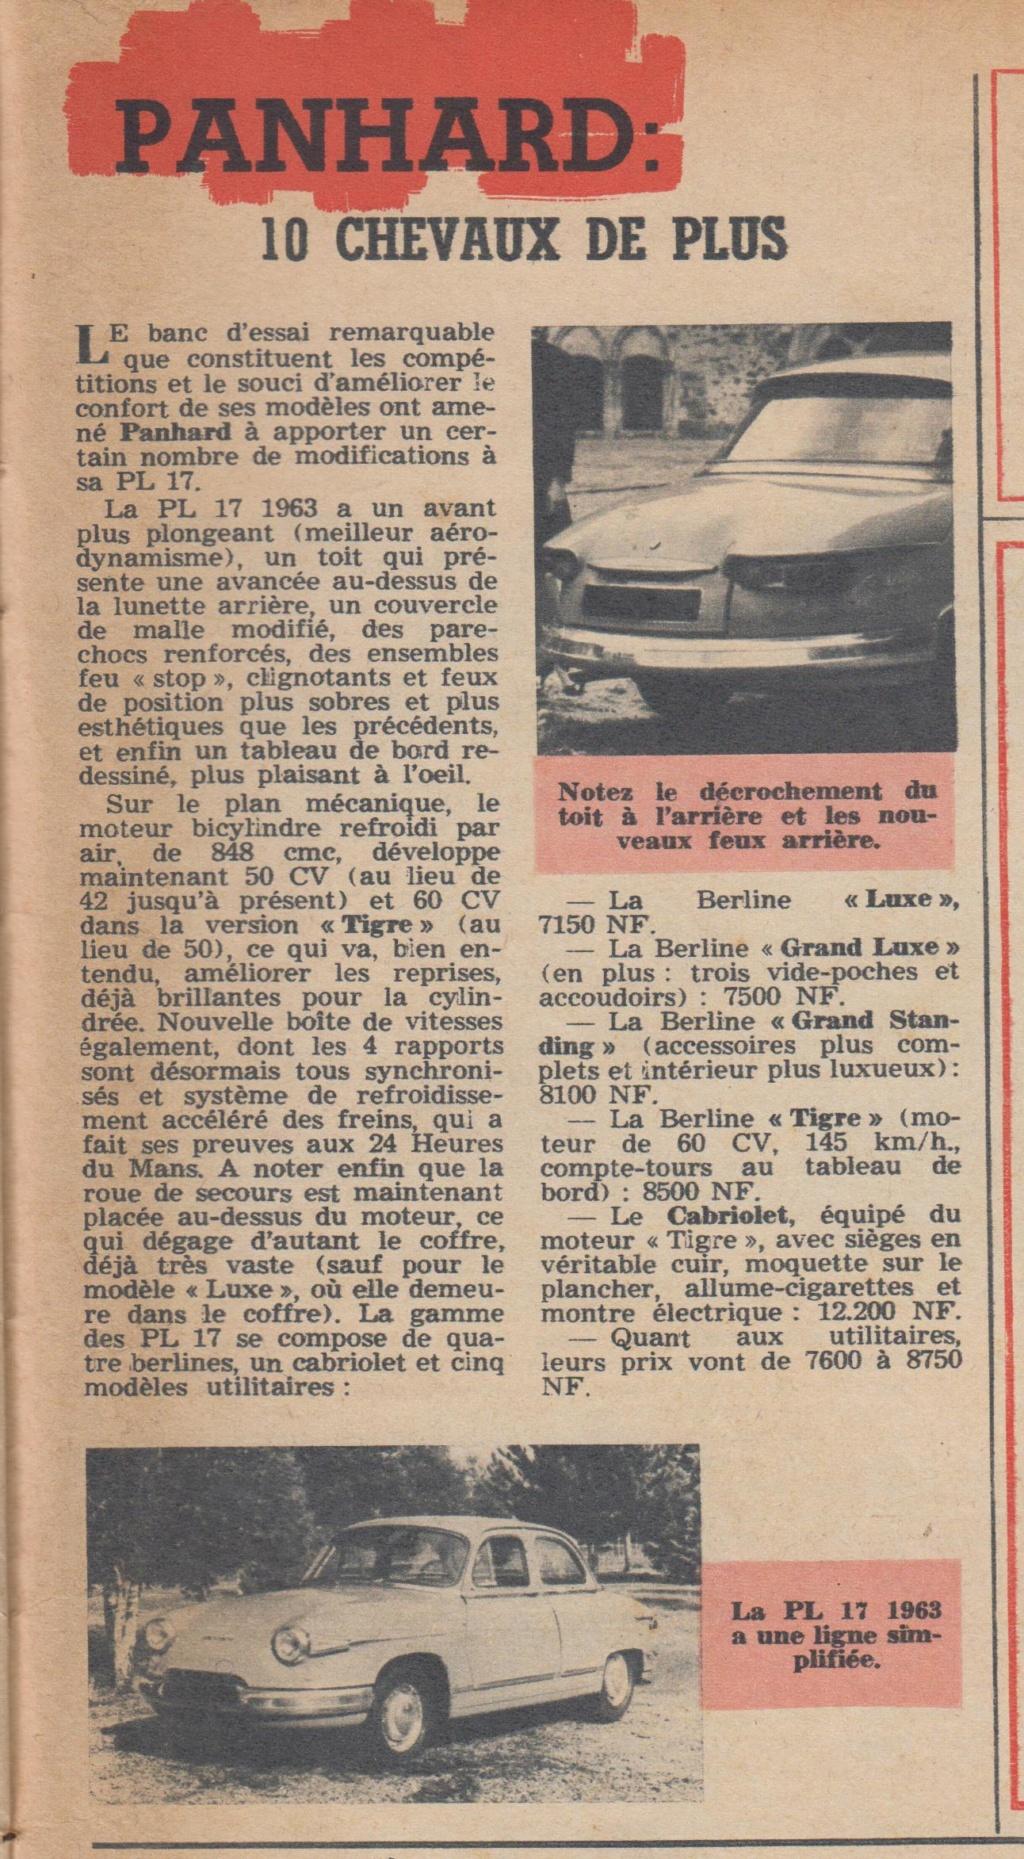 Le Journal de Tintin - de 1959 à 1964 les articles sur l'automobile et la moto Articl14